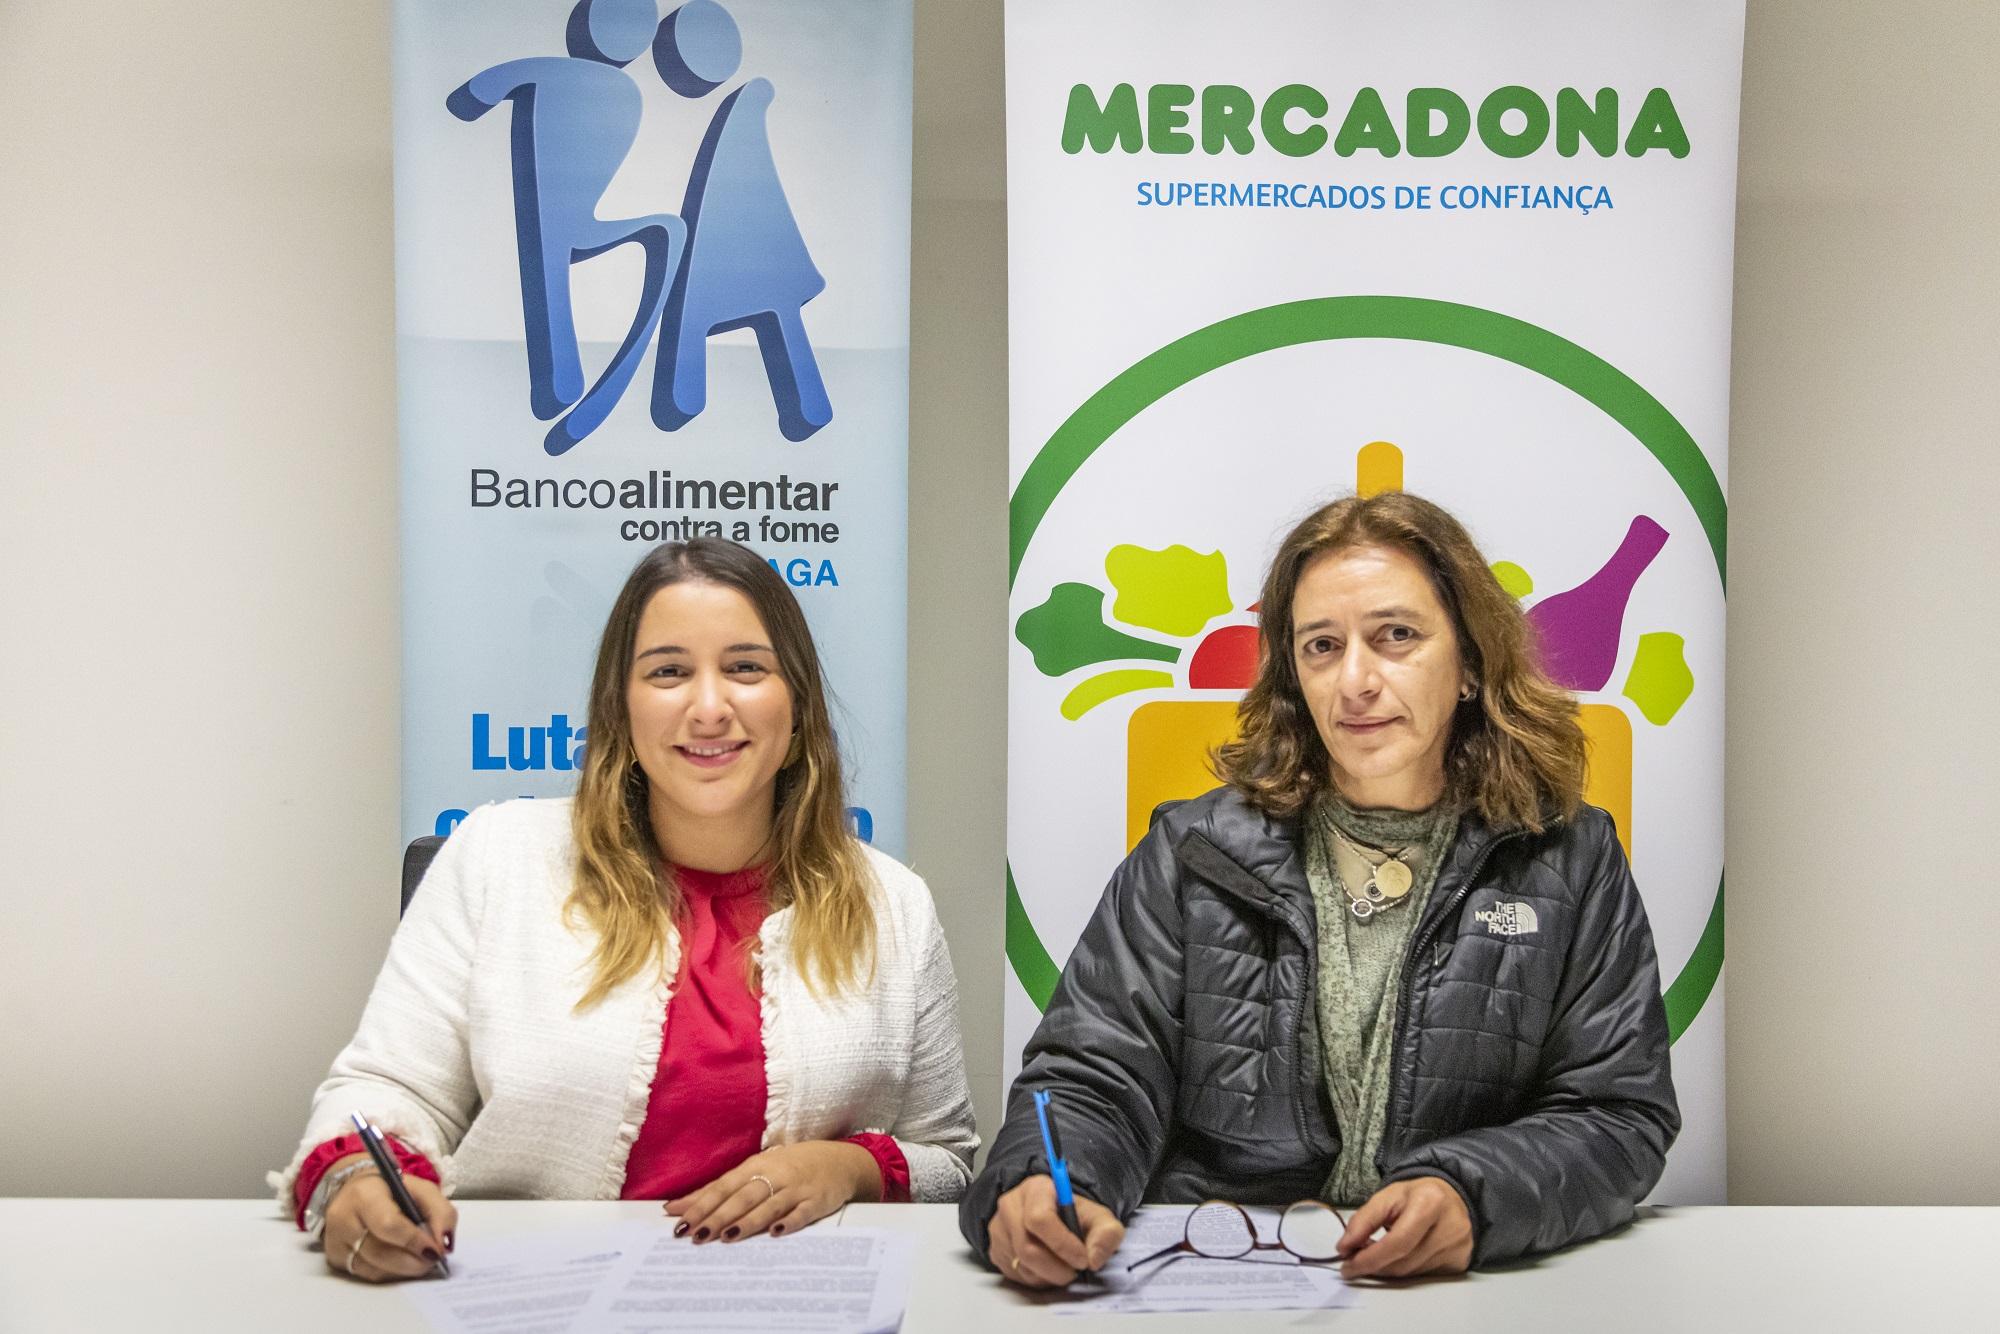 Pilar Barbosa do Banco Alimentar de Braga e Inês Santos da Mercadona